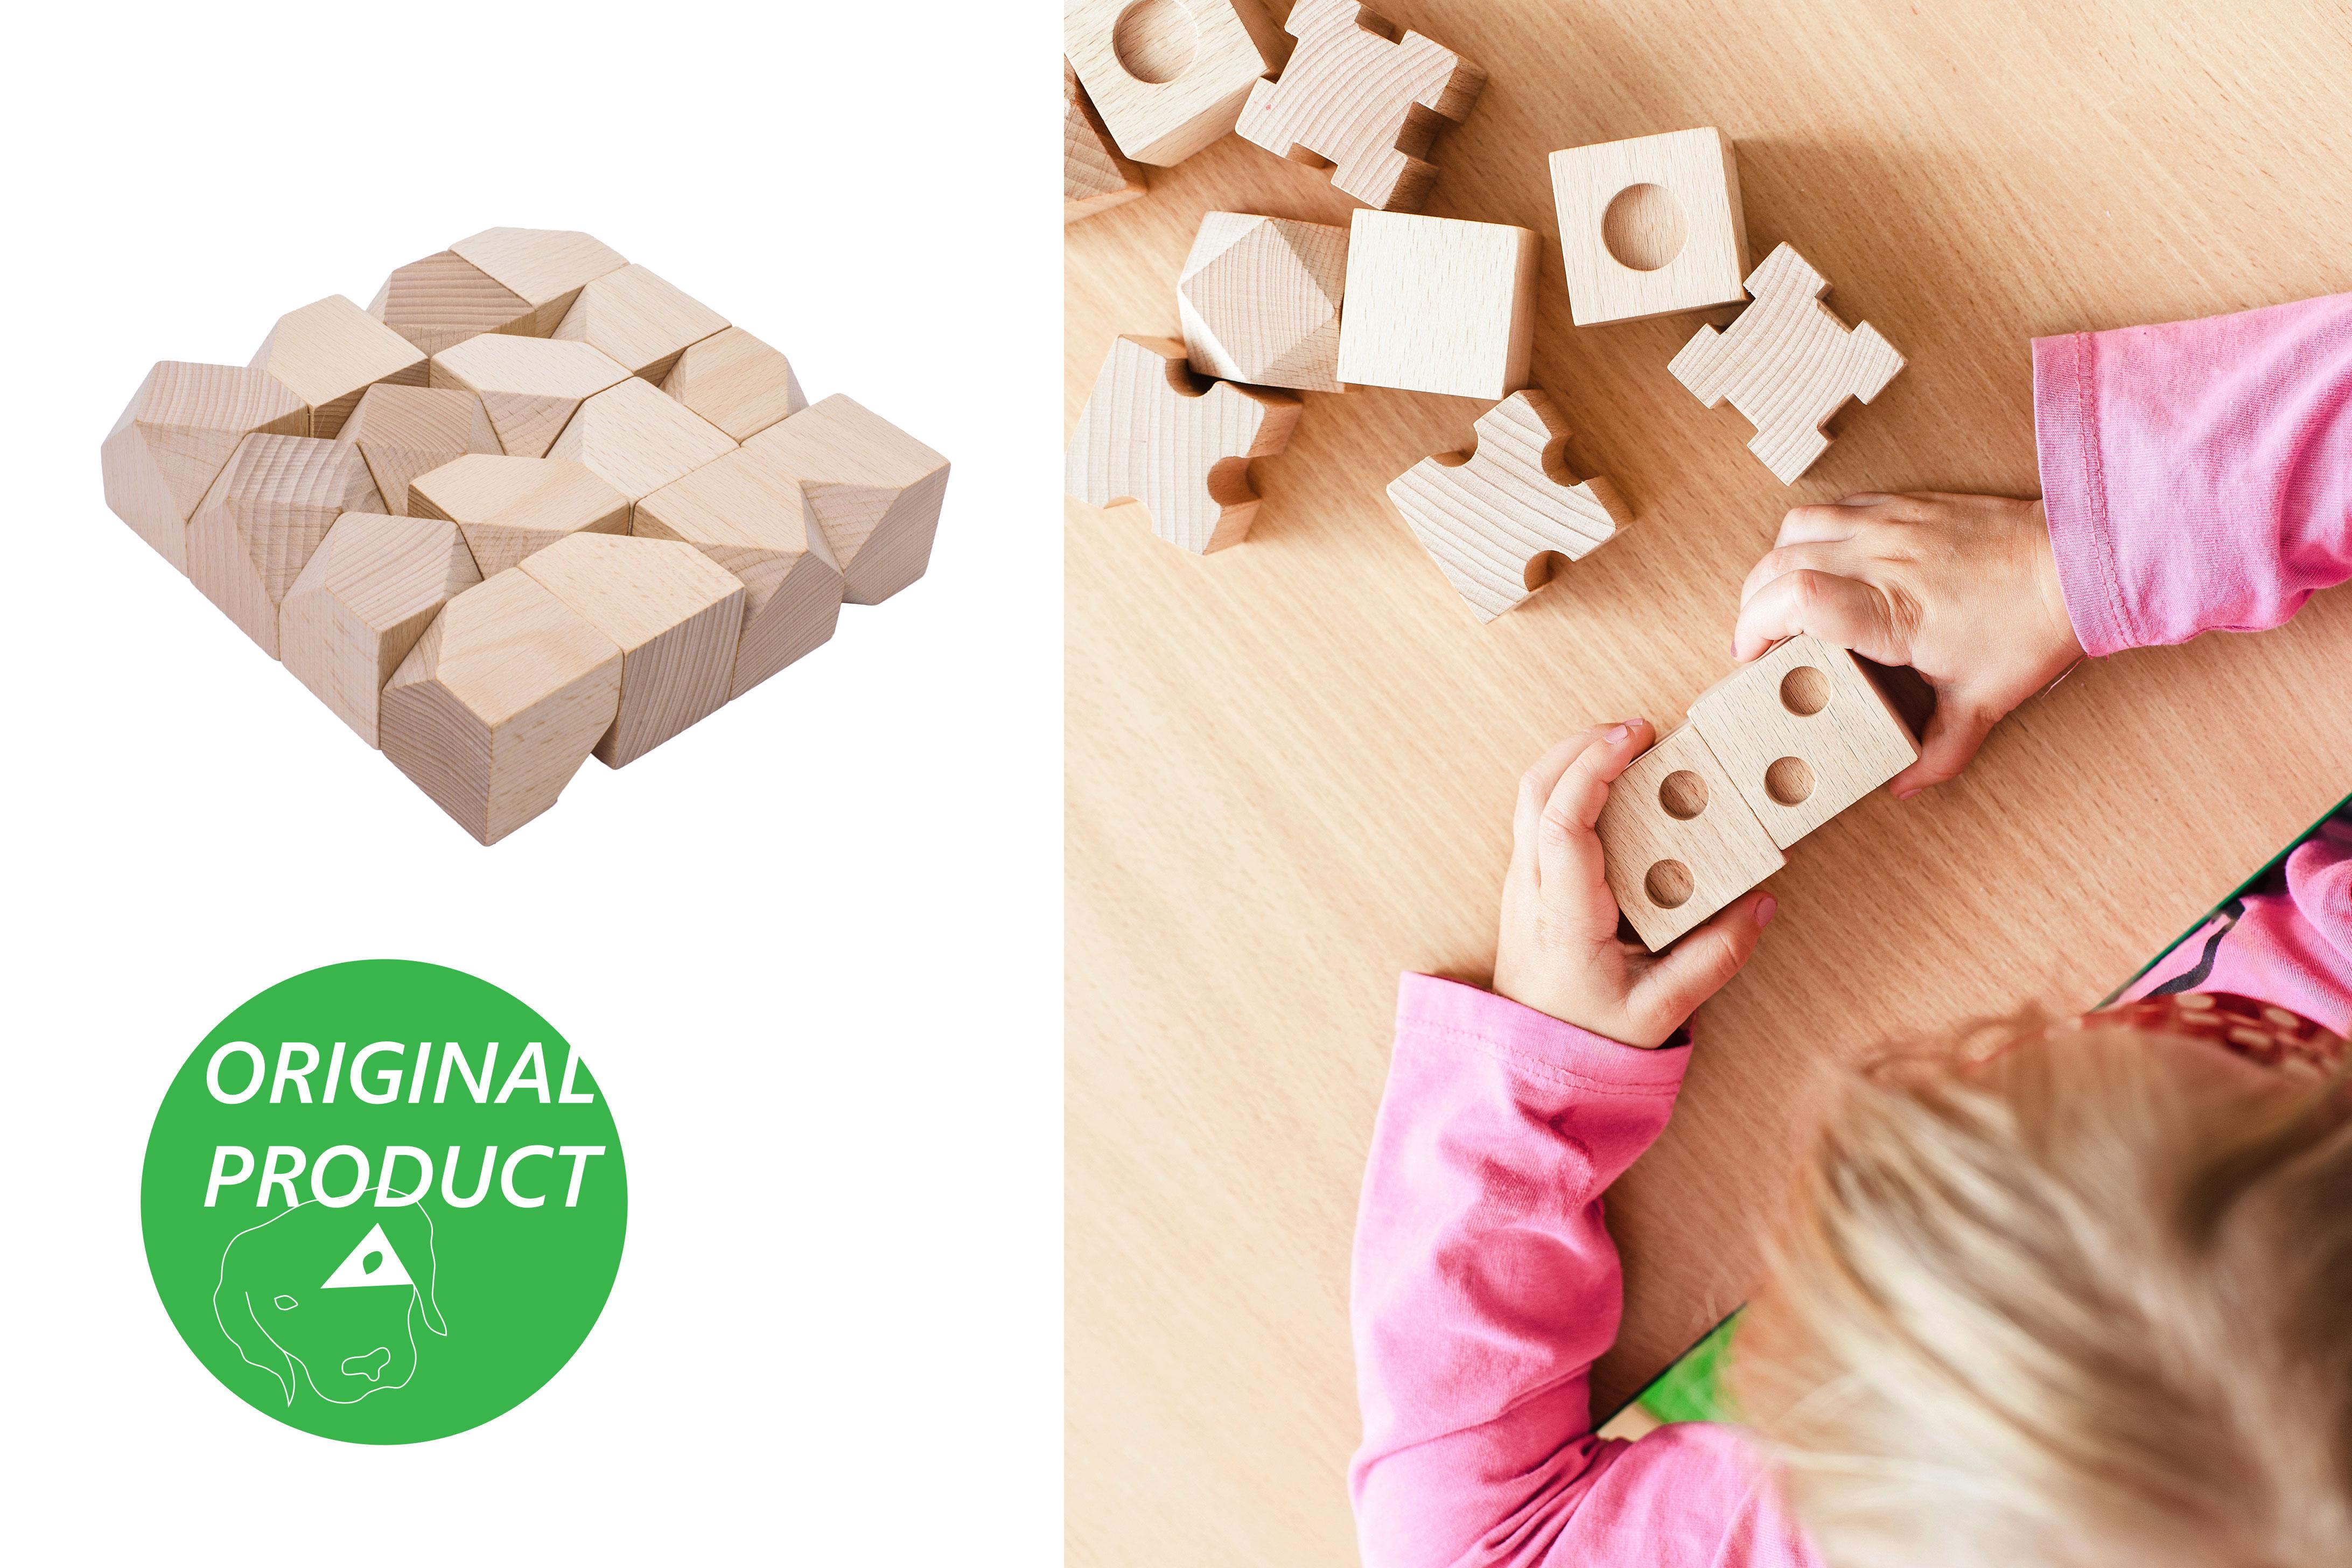 CODY DĚTSKÉ POMŮCKY Dřevěné hmatové kostky 4. stupeň obtížnosti